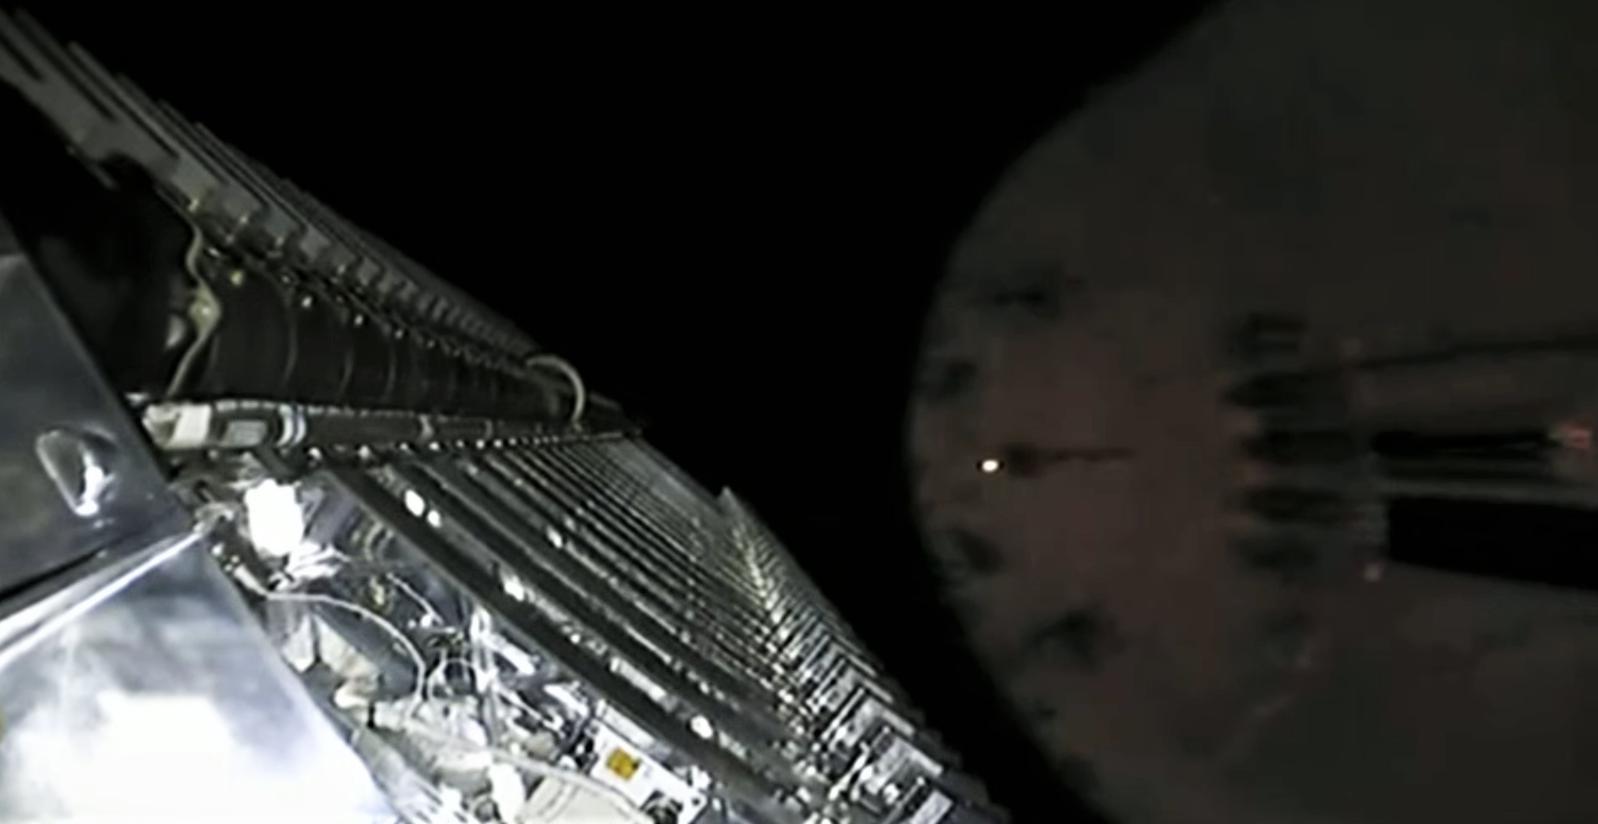 Starlink-2 Falcon 9 B1049 webcast (SpaceX) fairing sep 2 (c)